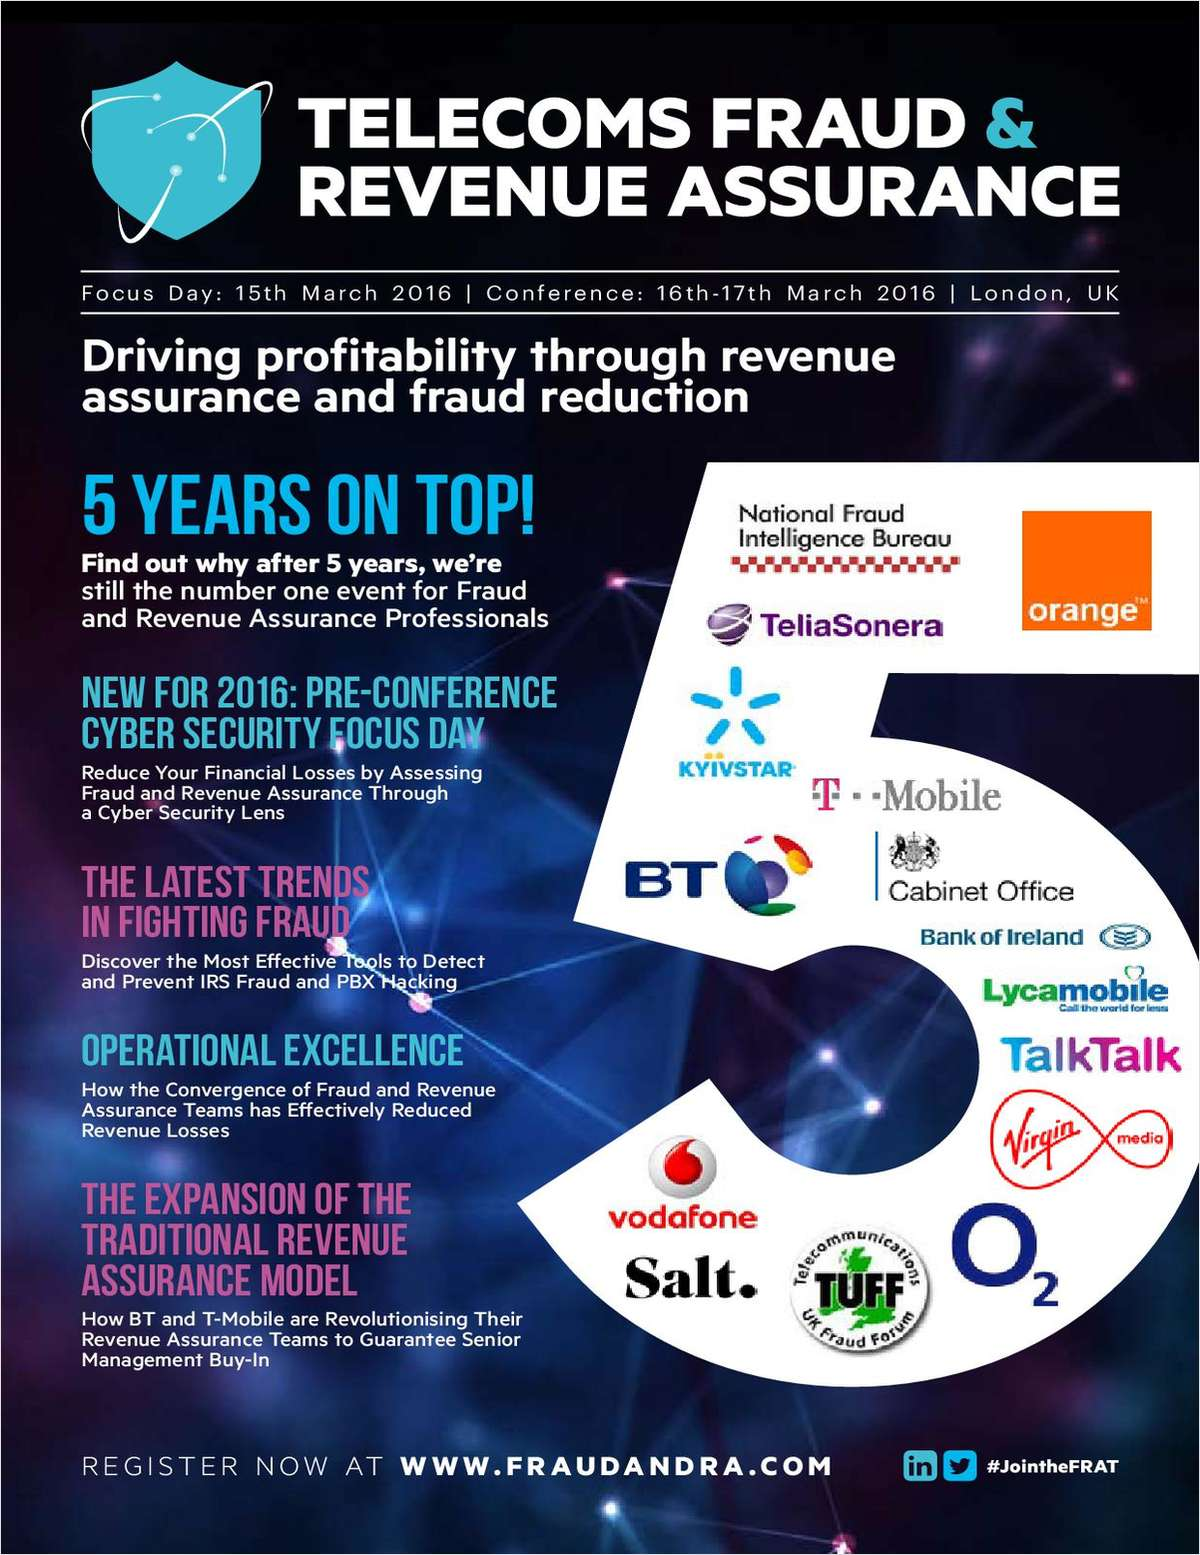 Telecoms Fraud and Revenue Assurance